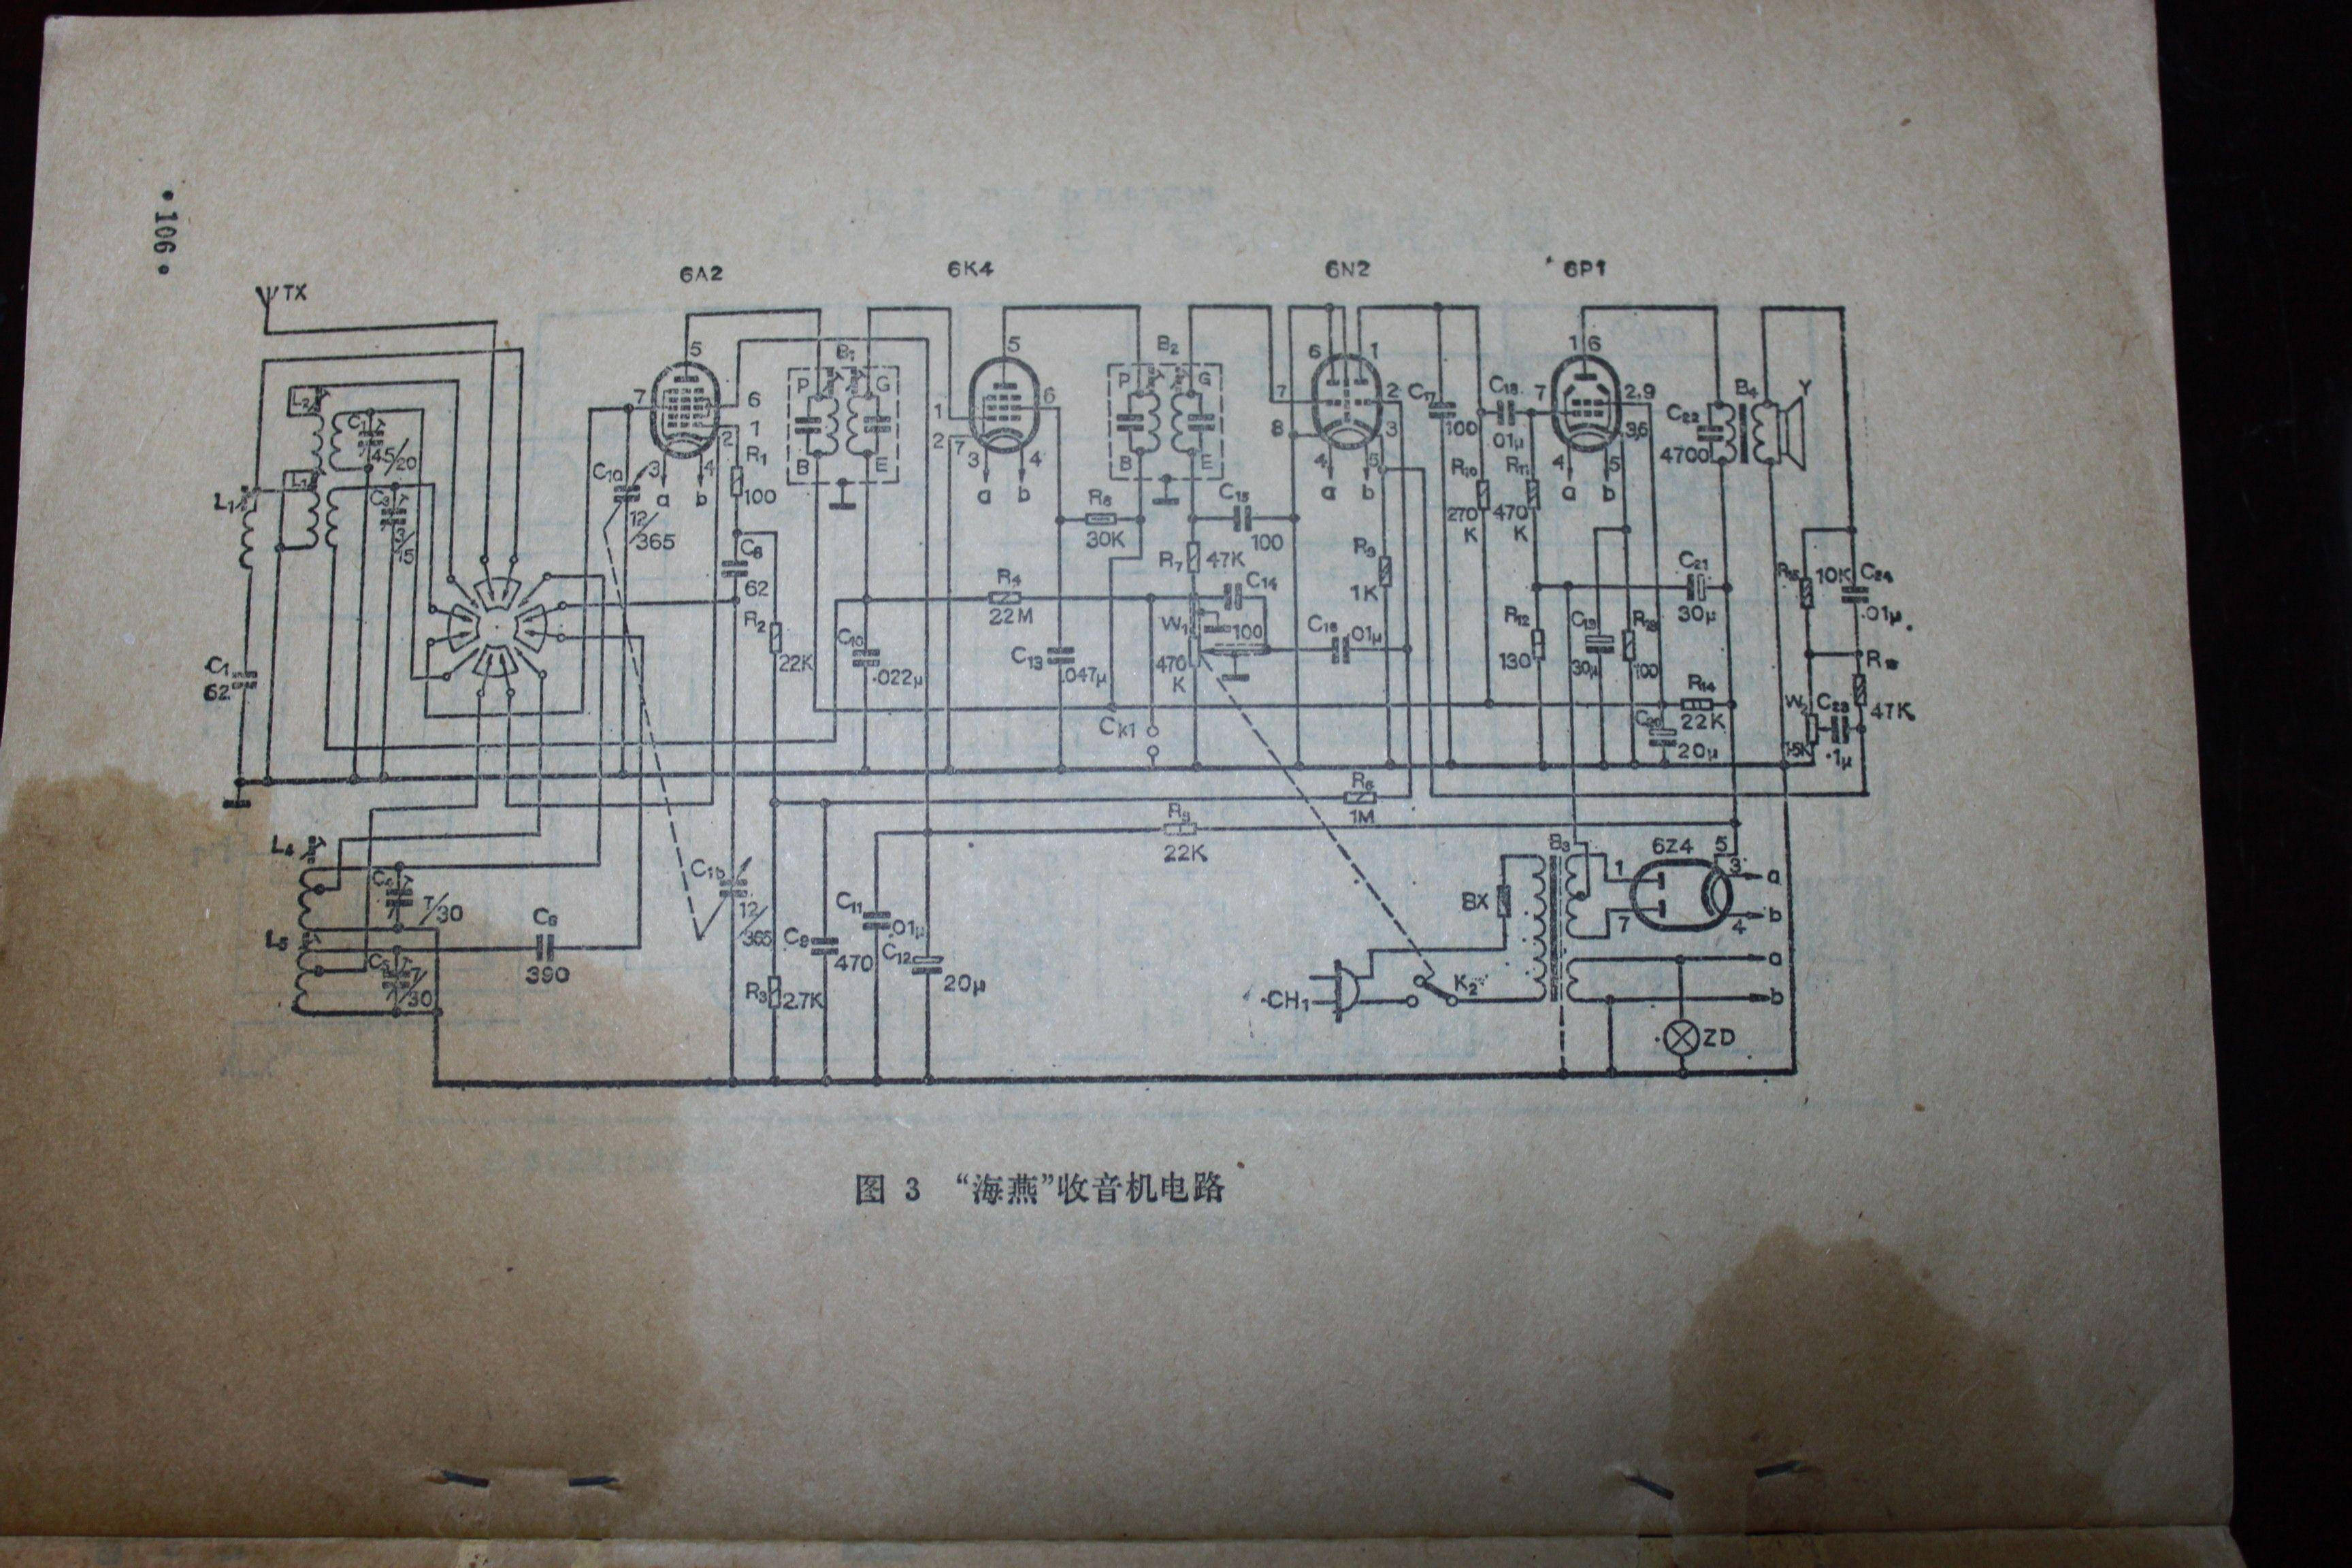 6n2 .6p1 .6a2.麻烦推荐一个电路图新手求助